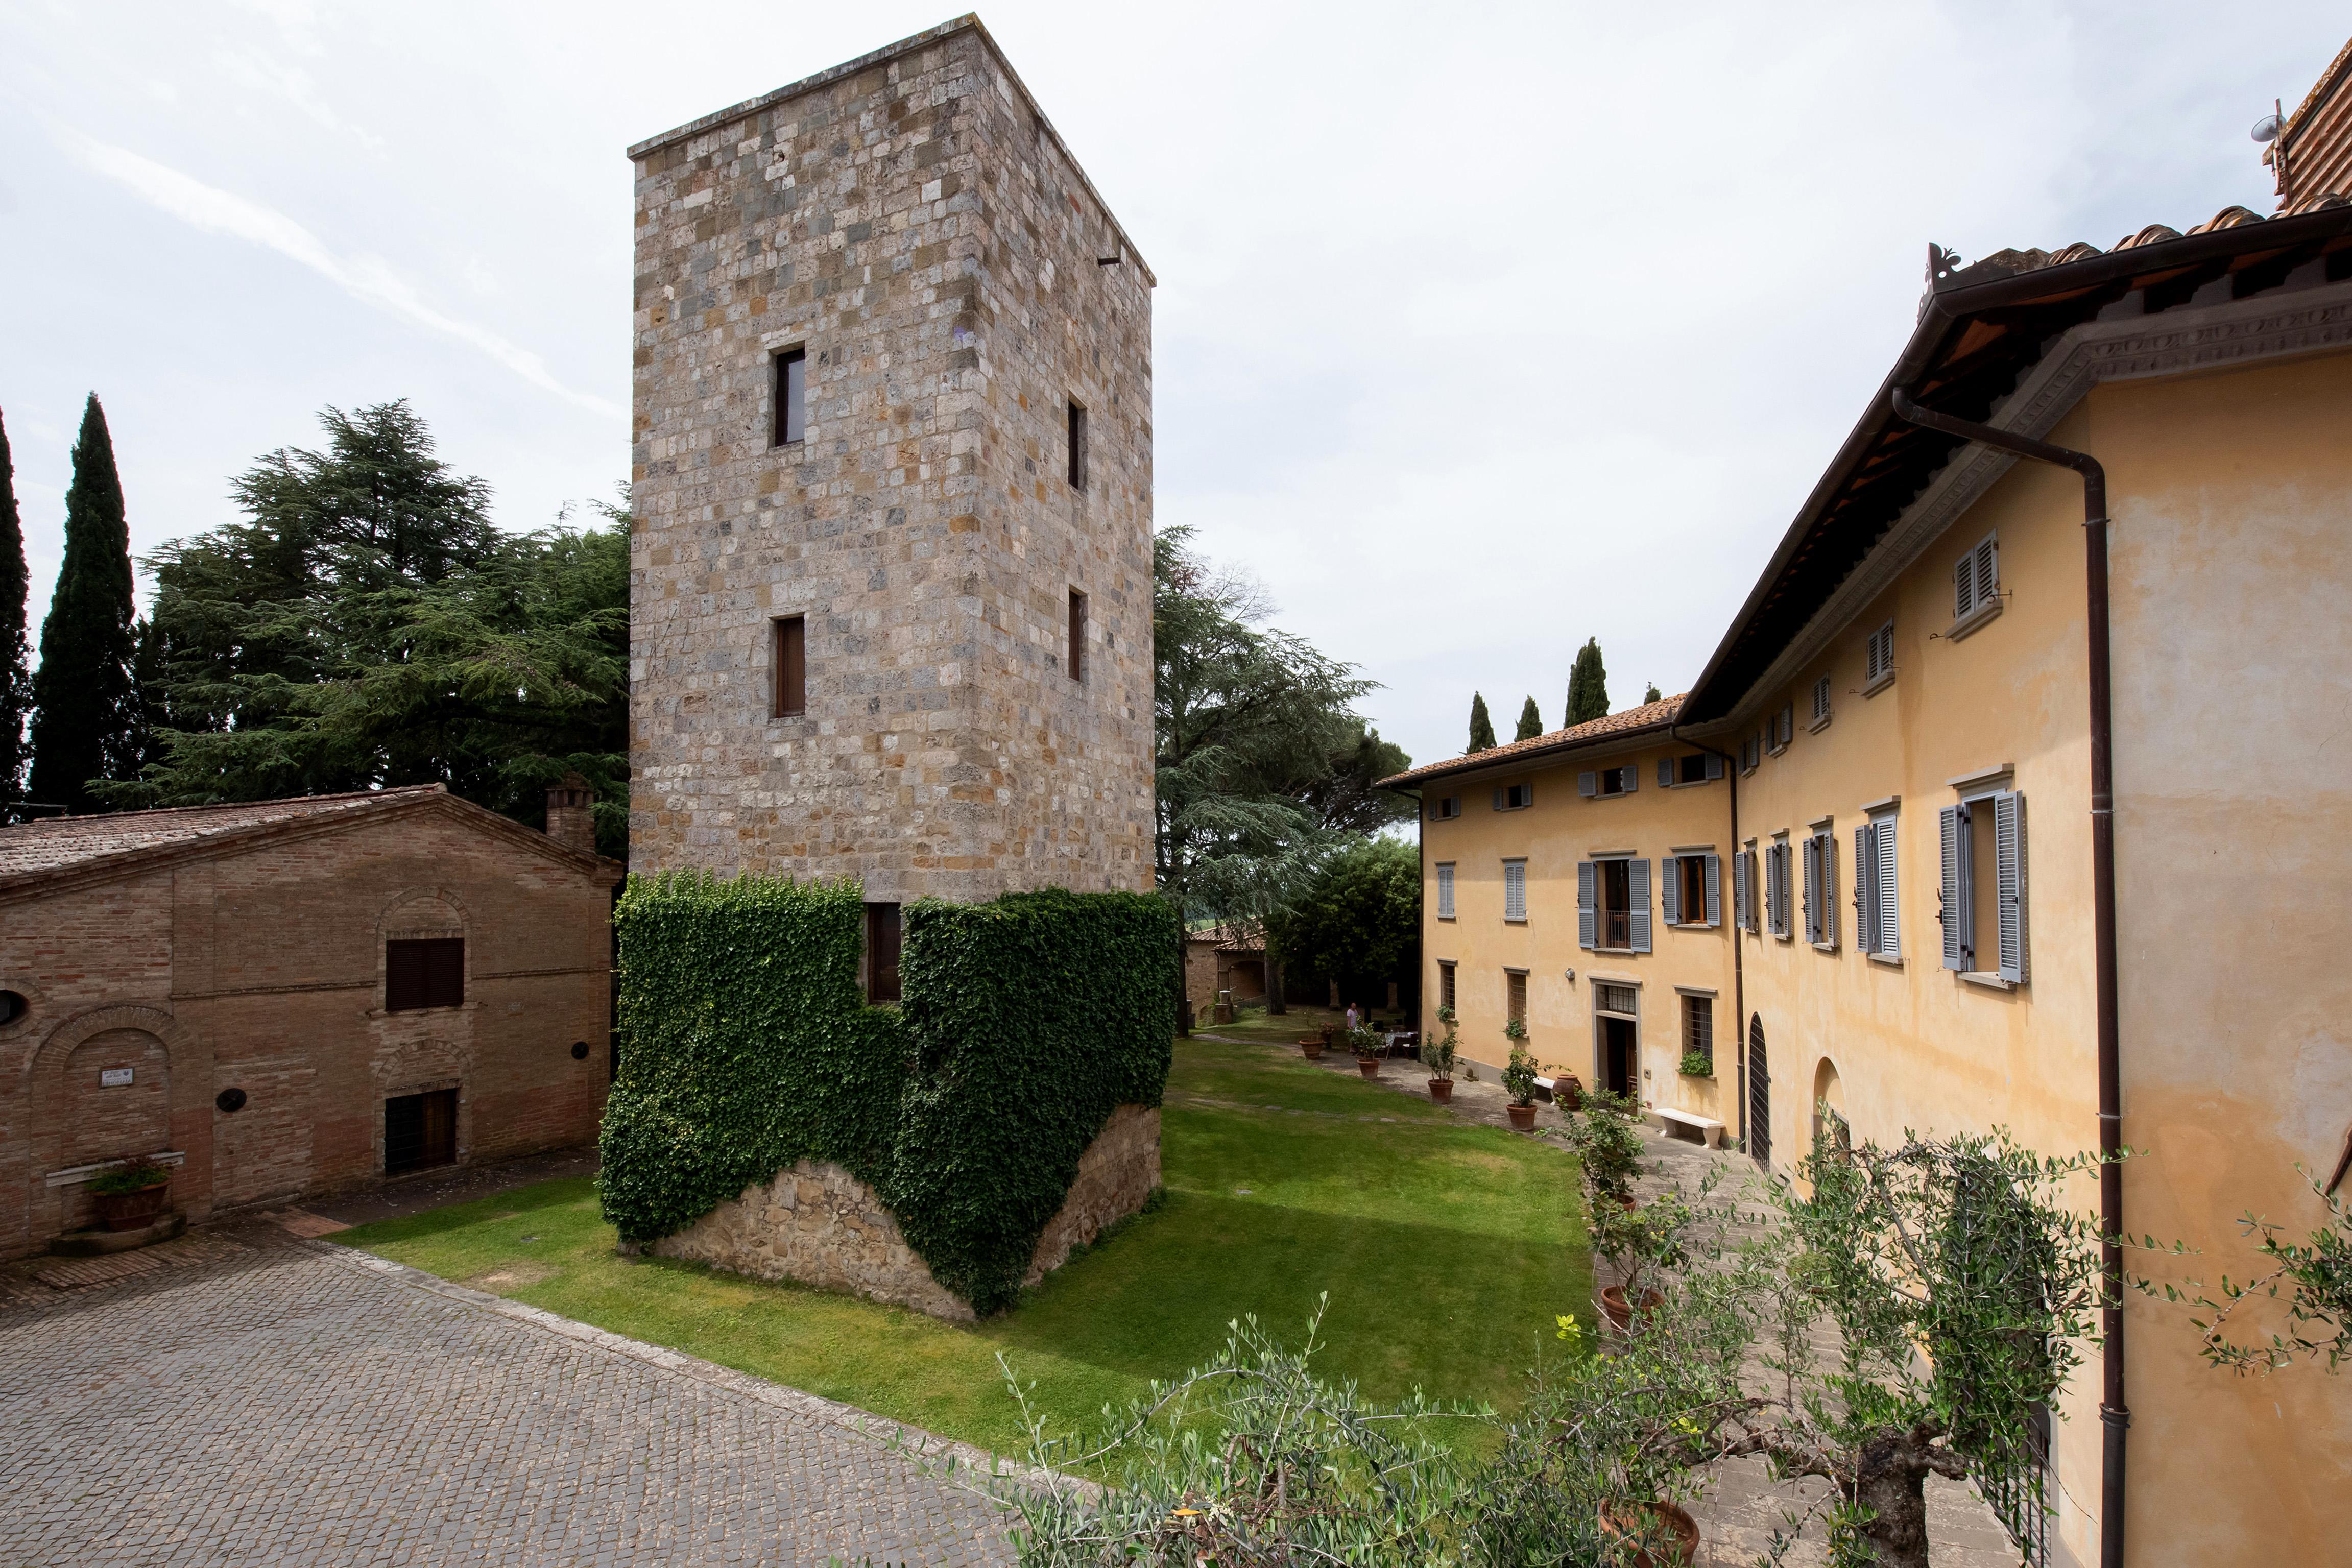 La Torre alle Tolfe